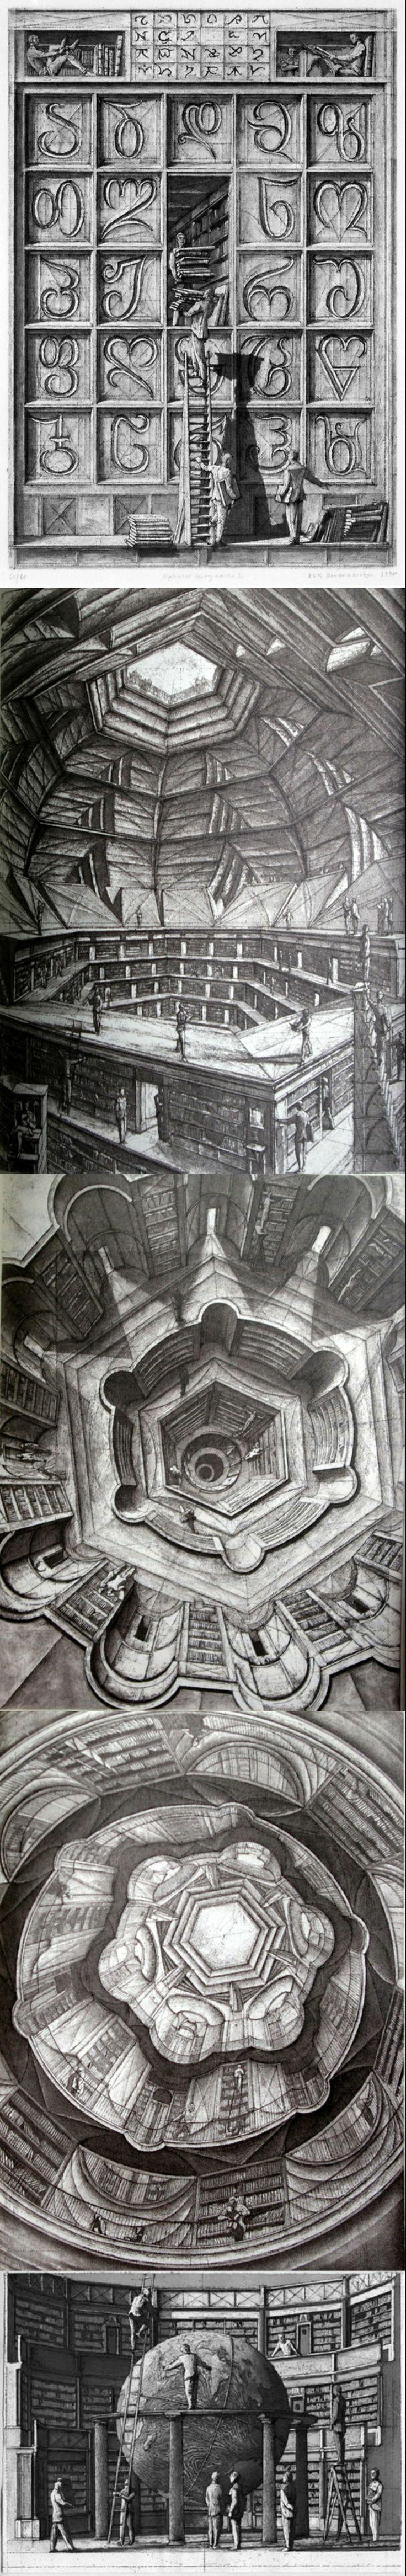 Etchings for Jorge Luis Borges Library of Babel.... Erik Desmazières